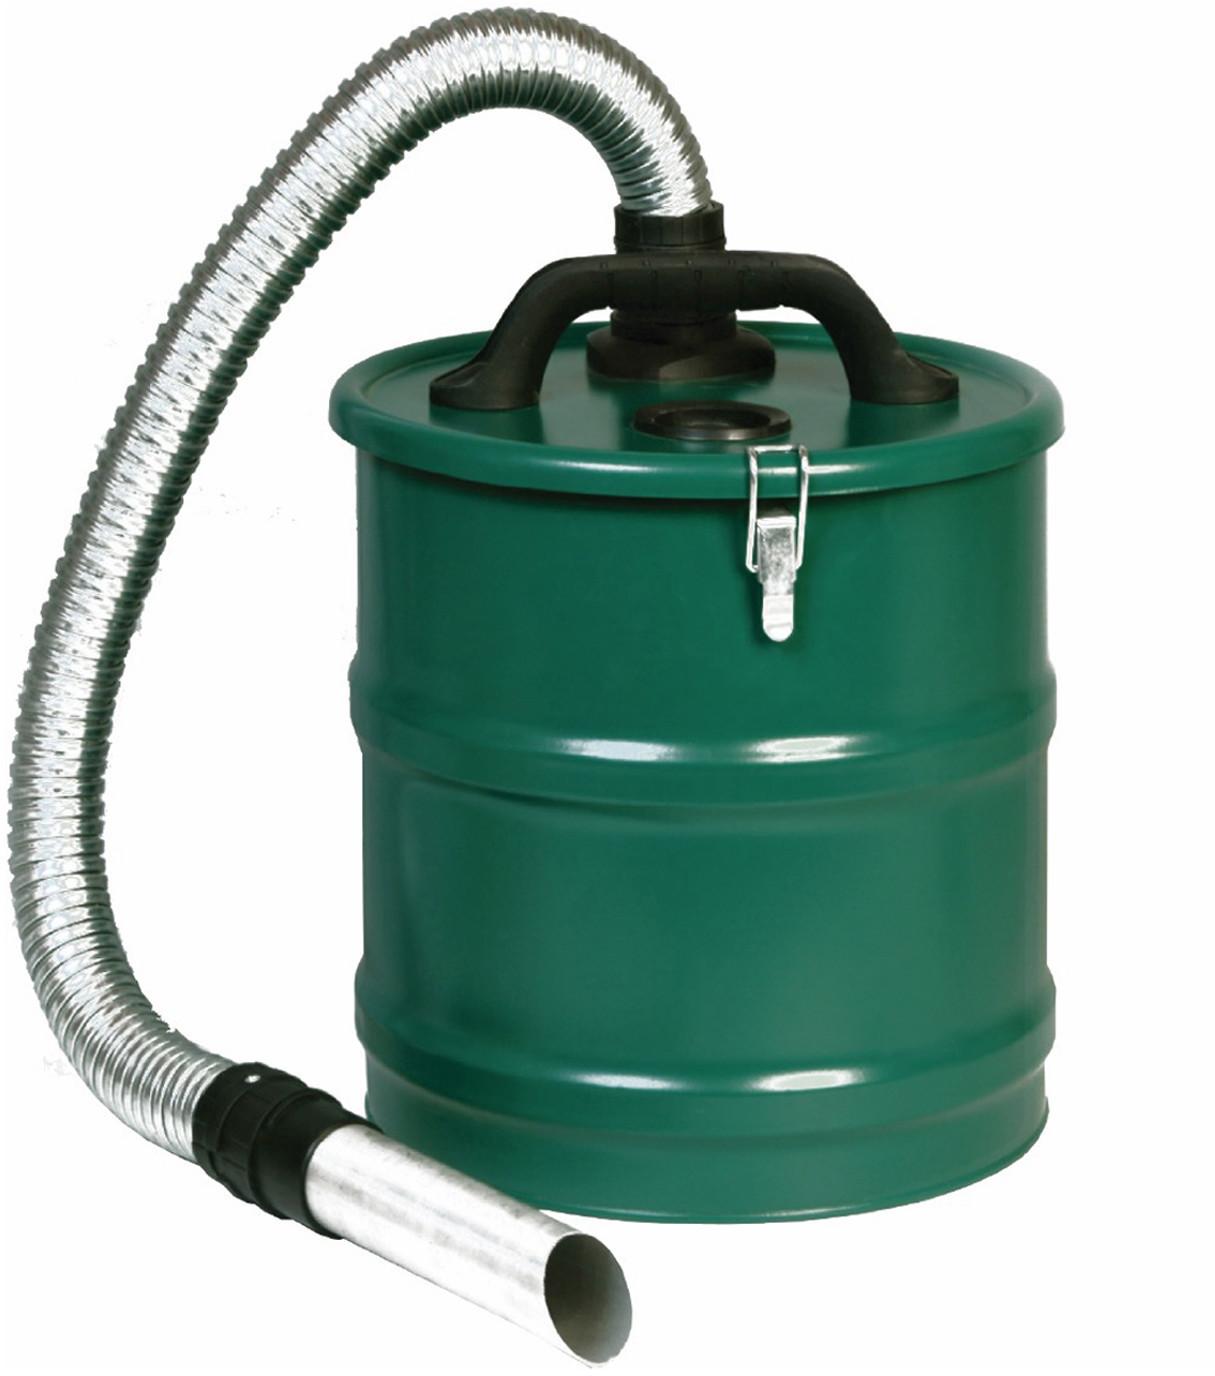 Lienbacher Aschesauger ohne Motor 18 Liter